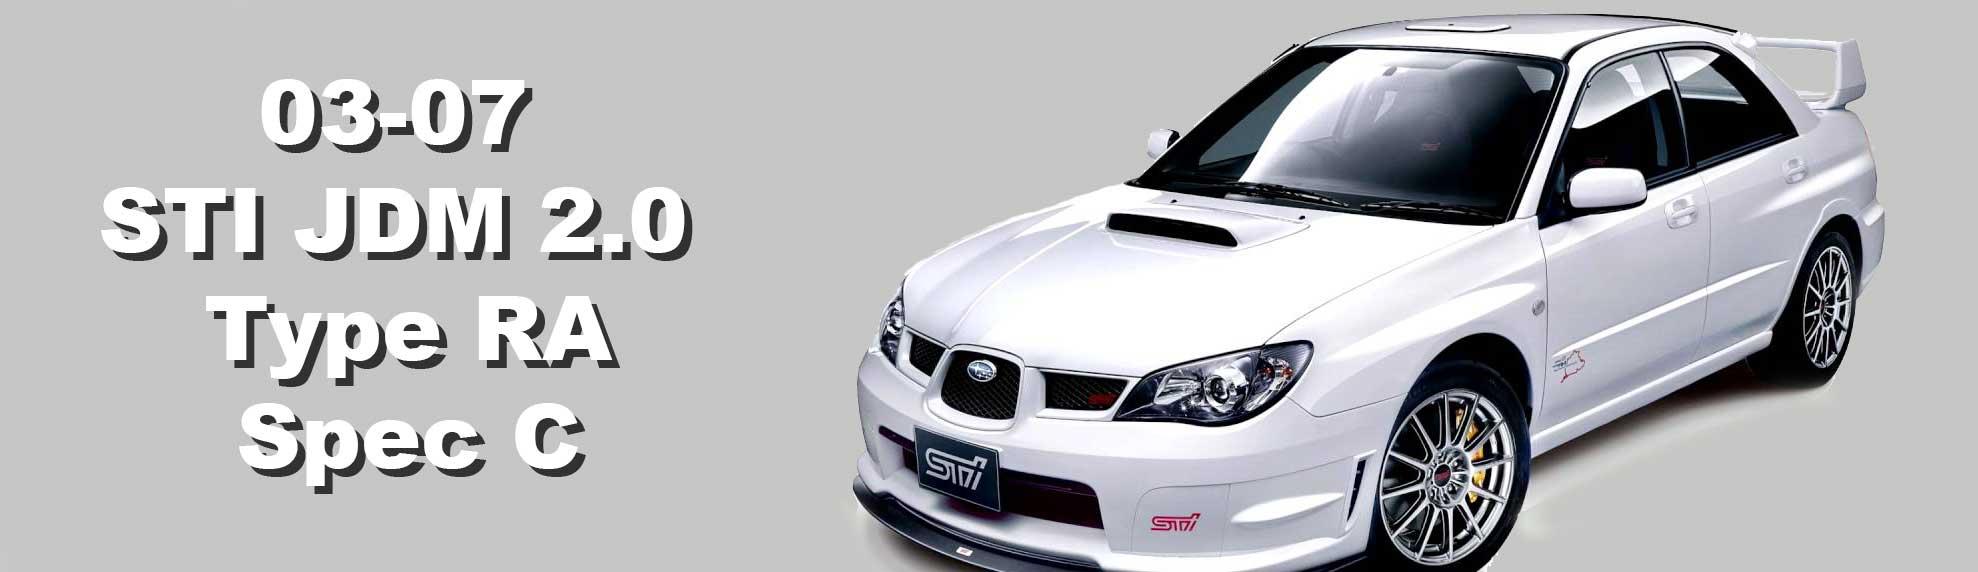 AFP Subaru